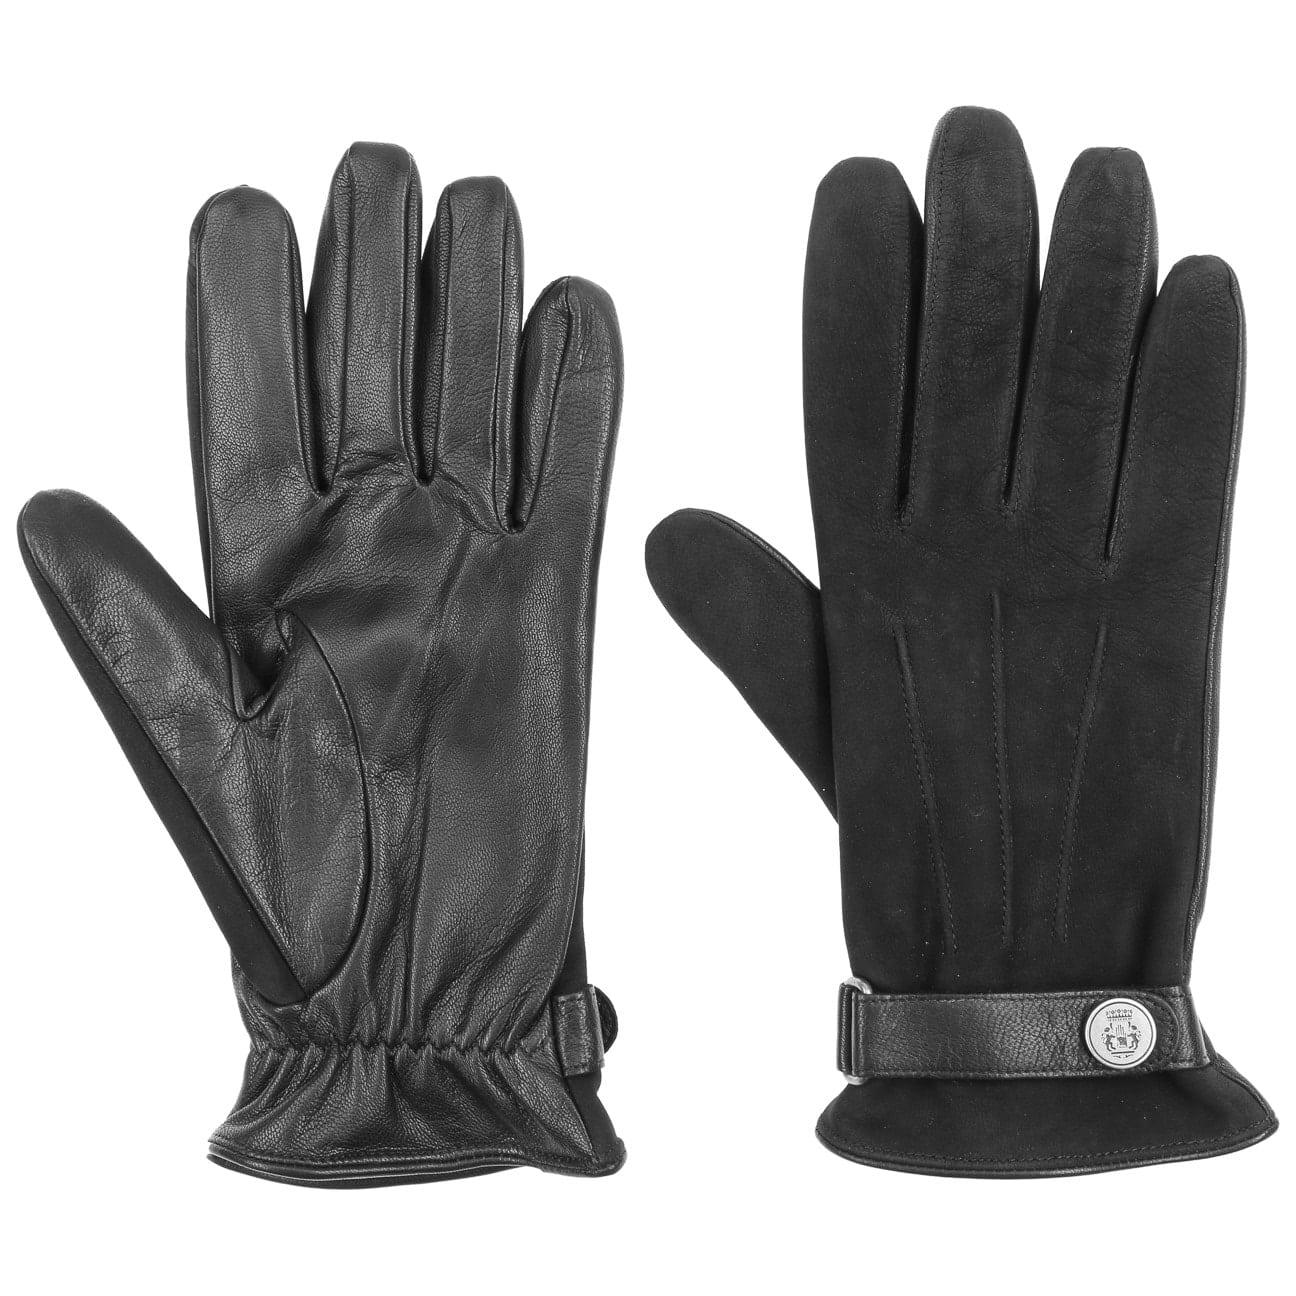 Guantes de Hombre Piel Nubuck by Roeckl  guantes de invierno